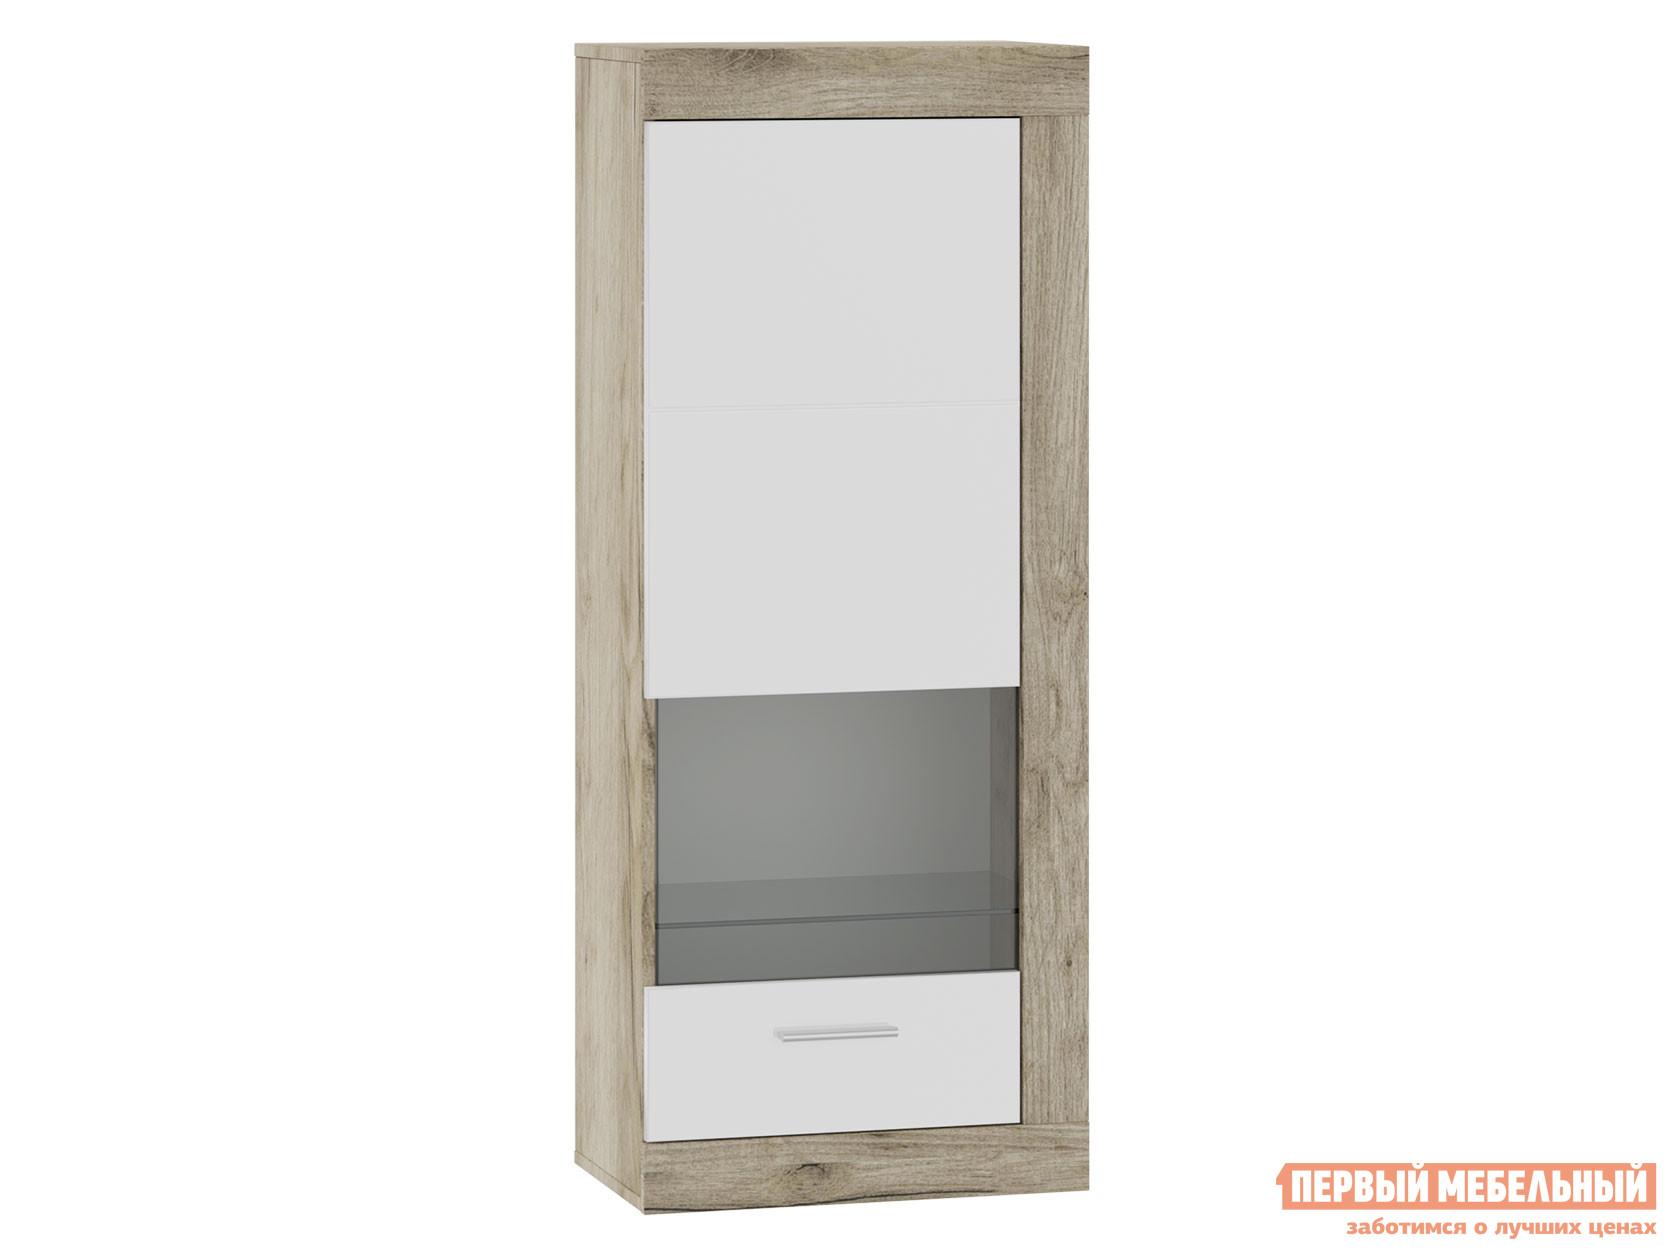 Шкаф-витрина Первый Мебельный 71280121 ГЕНЕЗИС шкаф навесной(витрина)